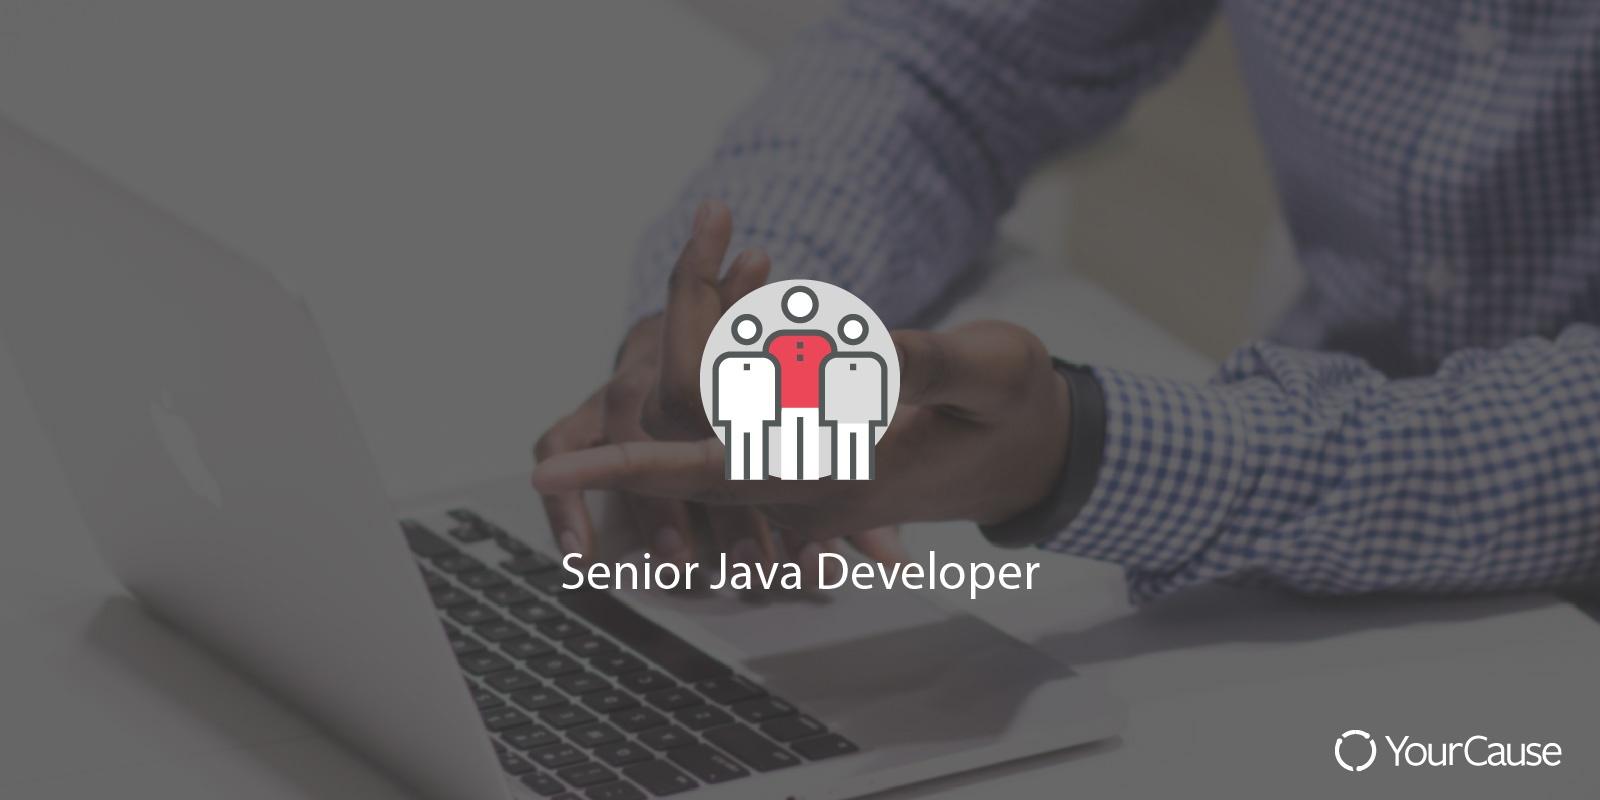 Senior-Java-Developer.jpg